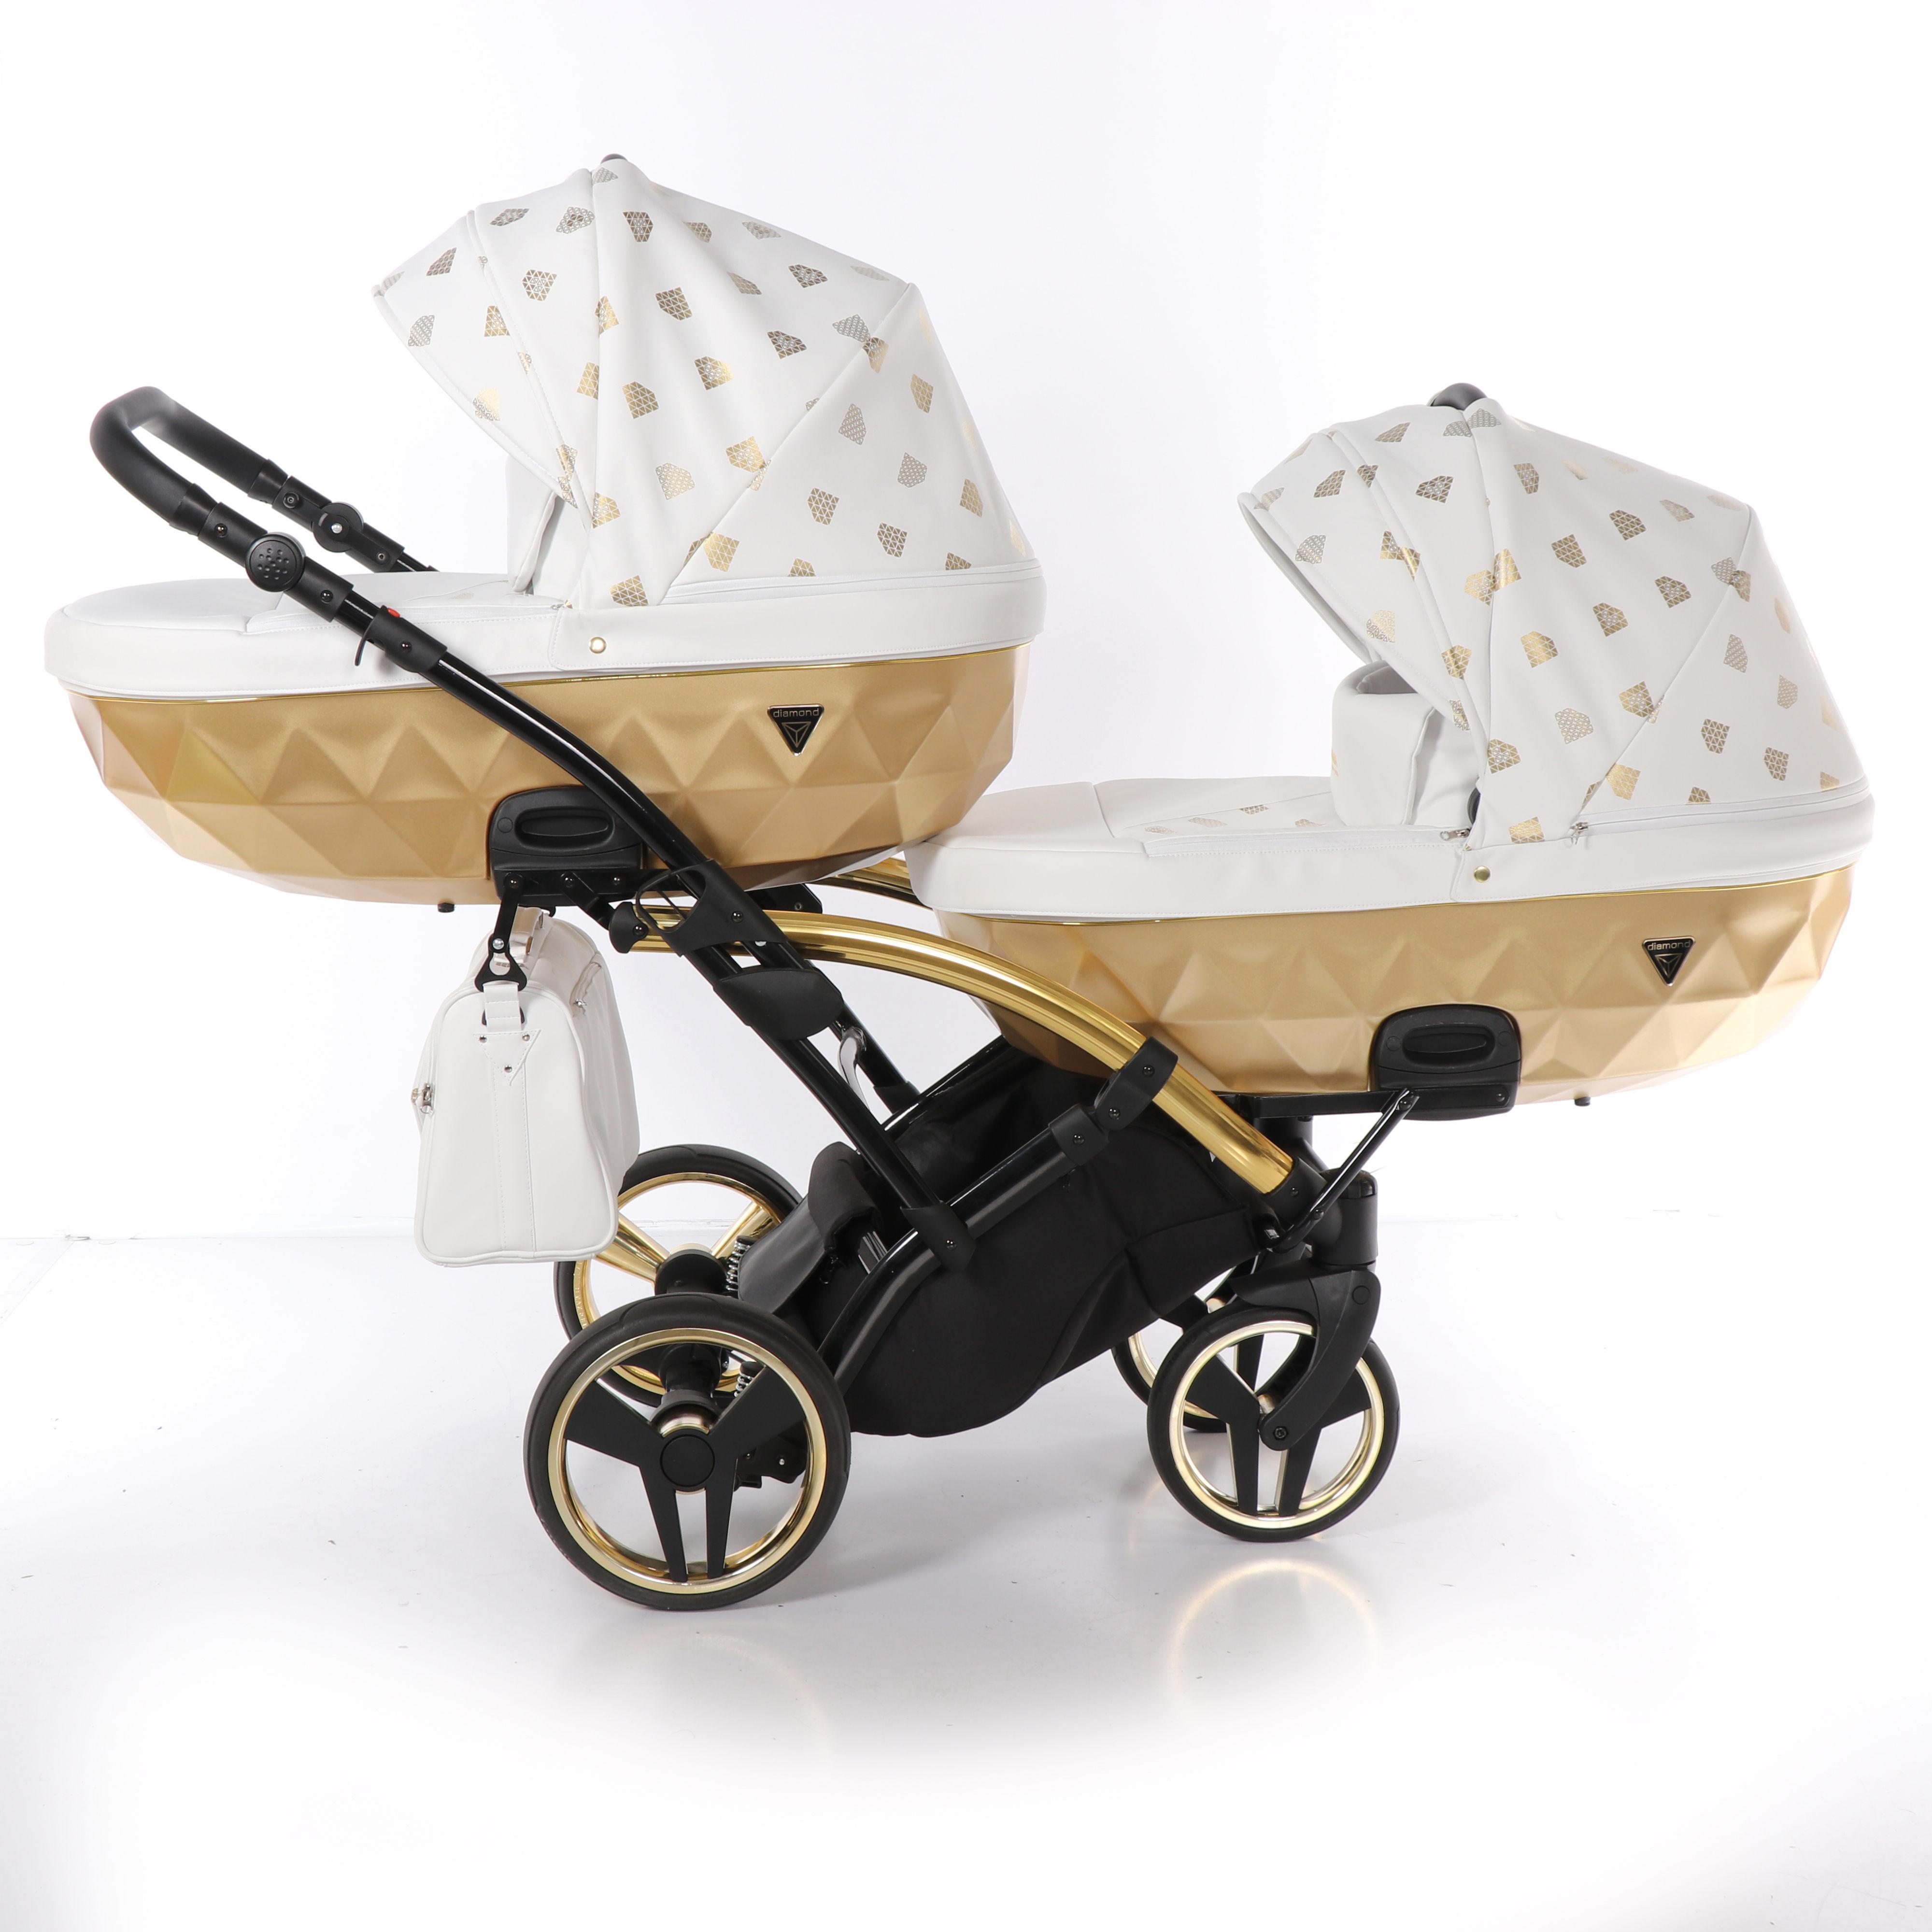 wielofunkcyjny wózek bliźniaczy Junama Glow Duo Slim złoty